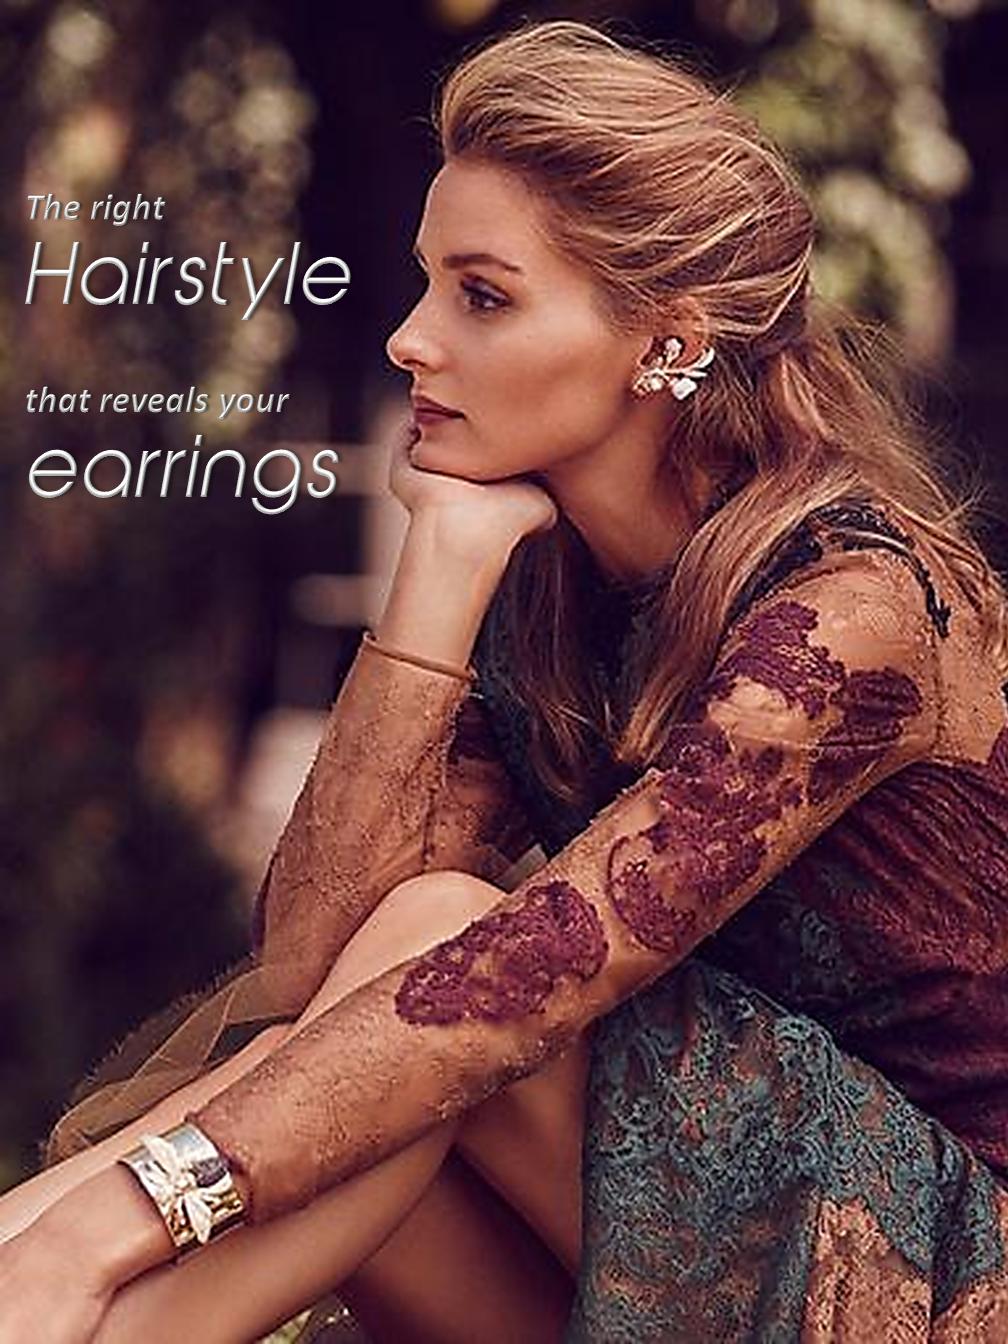 Hairstyle & Earings